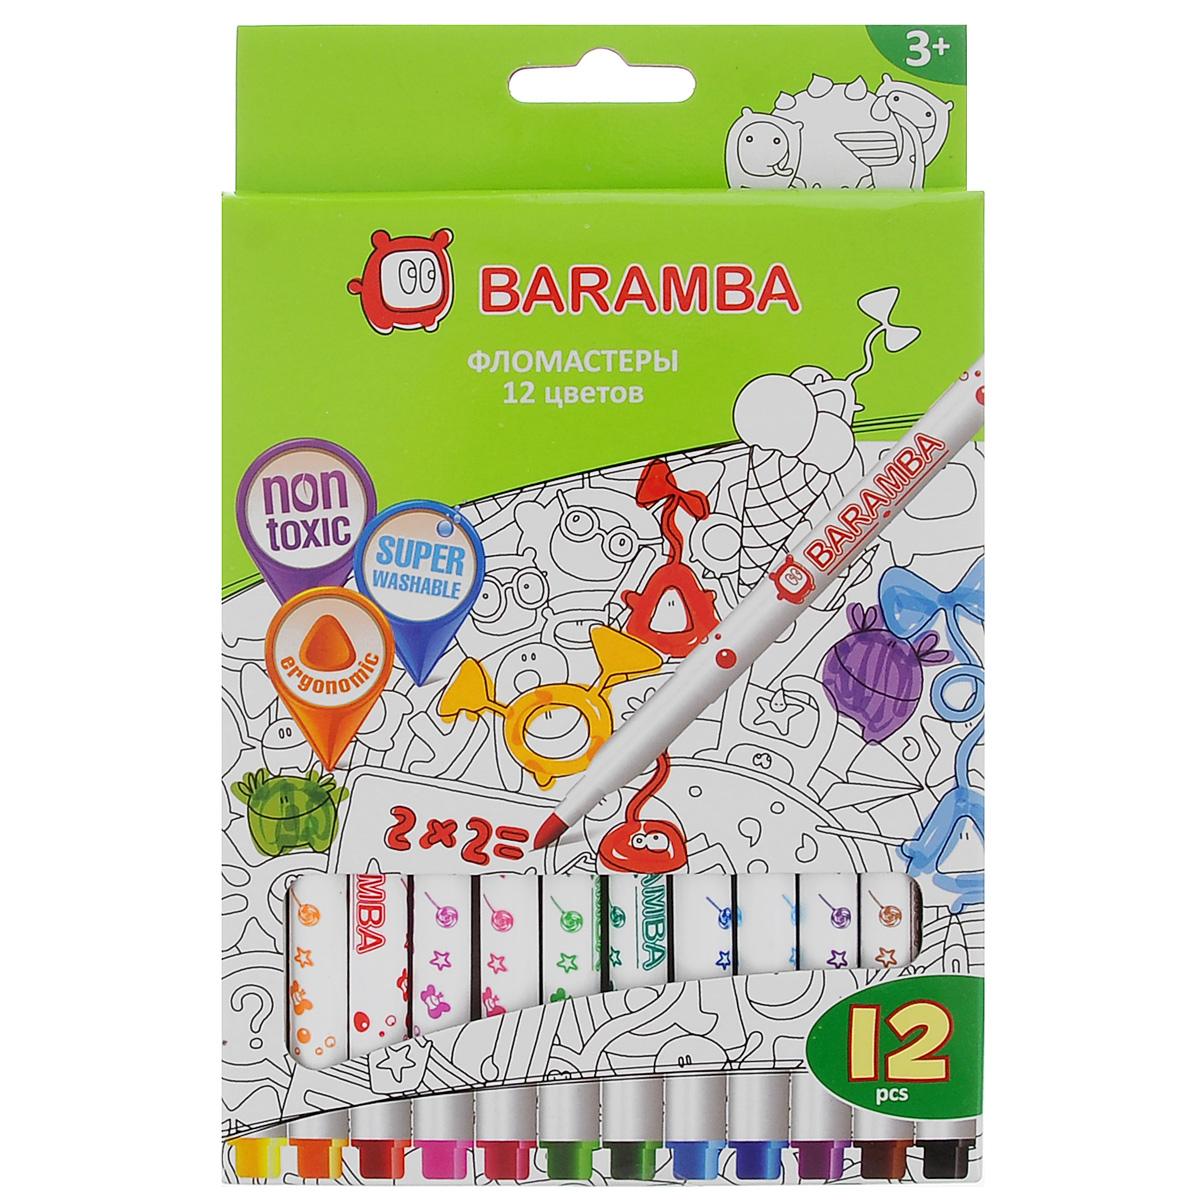 Набор фломастеров Baramba, 12 цветовB80712Фломастеры Baramba откроют юным художникам новые горизонты для творчества, а также помогут отлично развить мелкую моторику рук, цветовое восприятие, фантазию и воображение. Фломастеры на водной основе не токсичны и не содержат спирта. Фломастеры ярких насыщенных цветов легко отмываются от кожи рук теплой водой с мылом. Чернила без запаха не высыхают без колпачка более 5 недель! Комплект включает 12 фломастеров ярких насыщенных цветов. Не рекомендуется детям до 3-х лет.